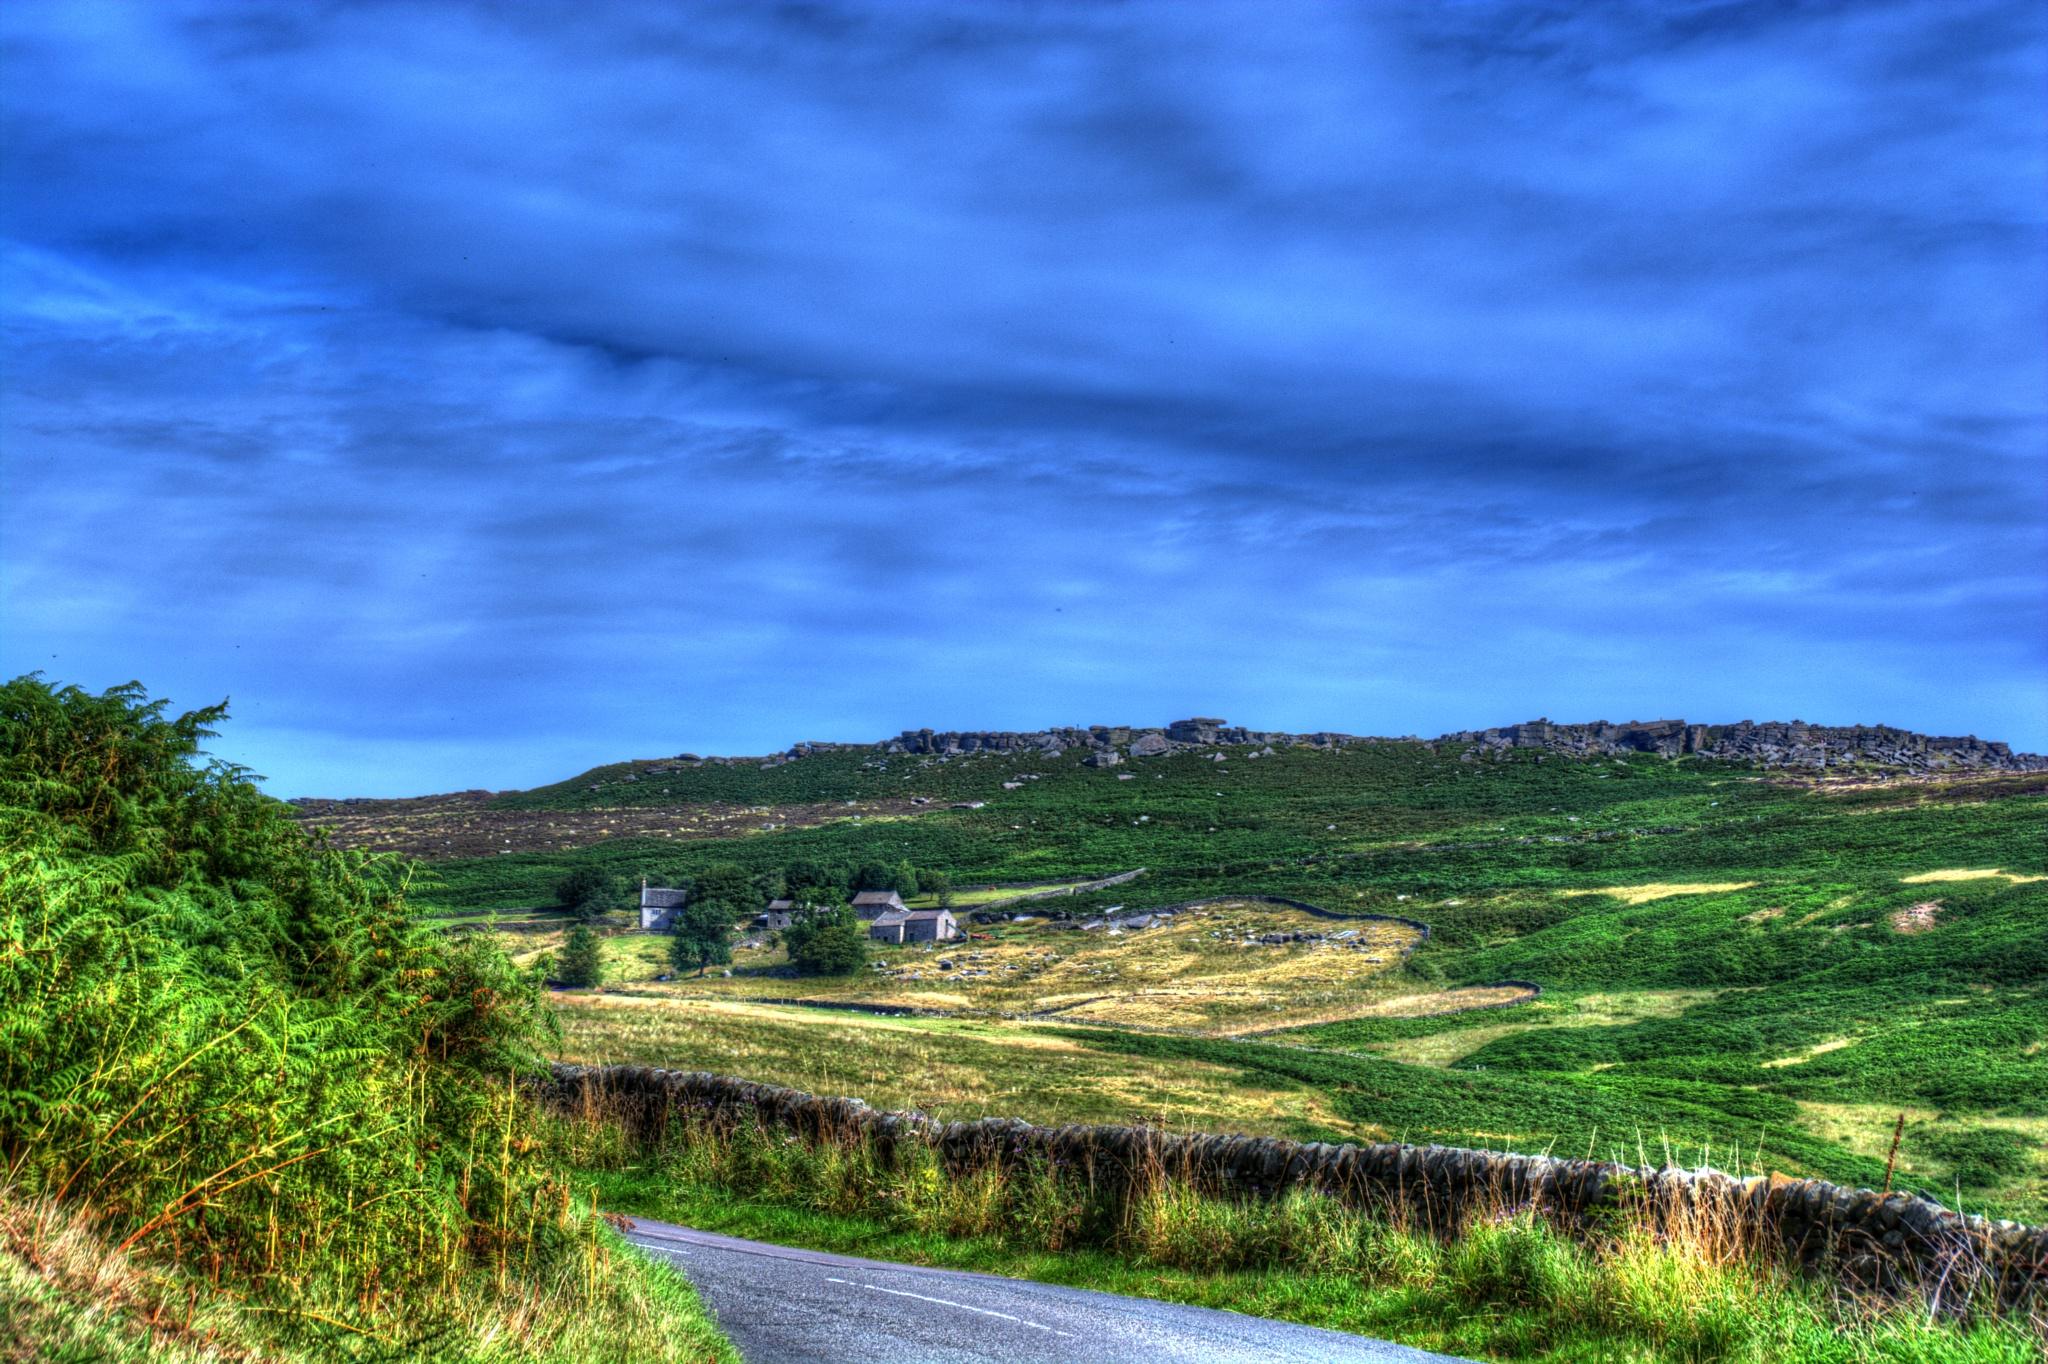 derbyshire landscape by Stuart Robertshaw Photography